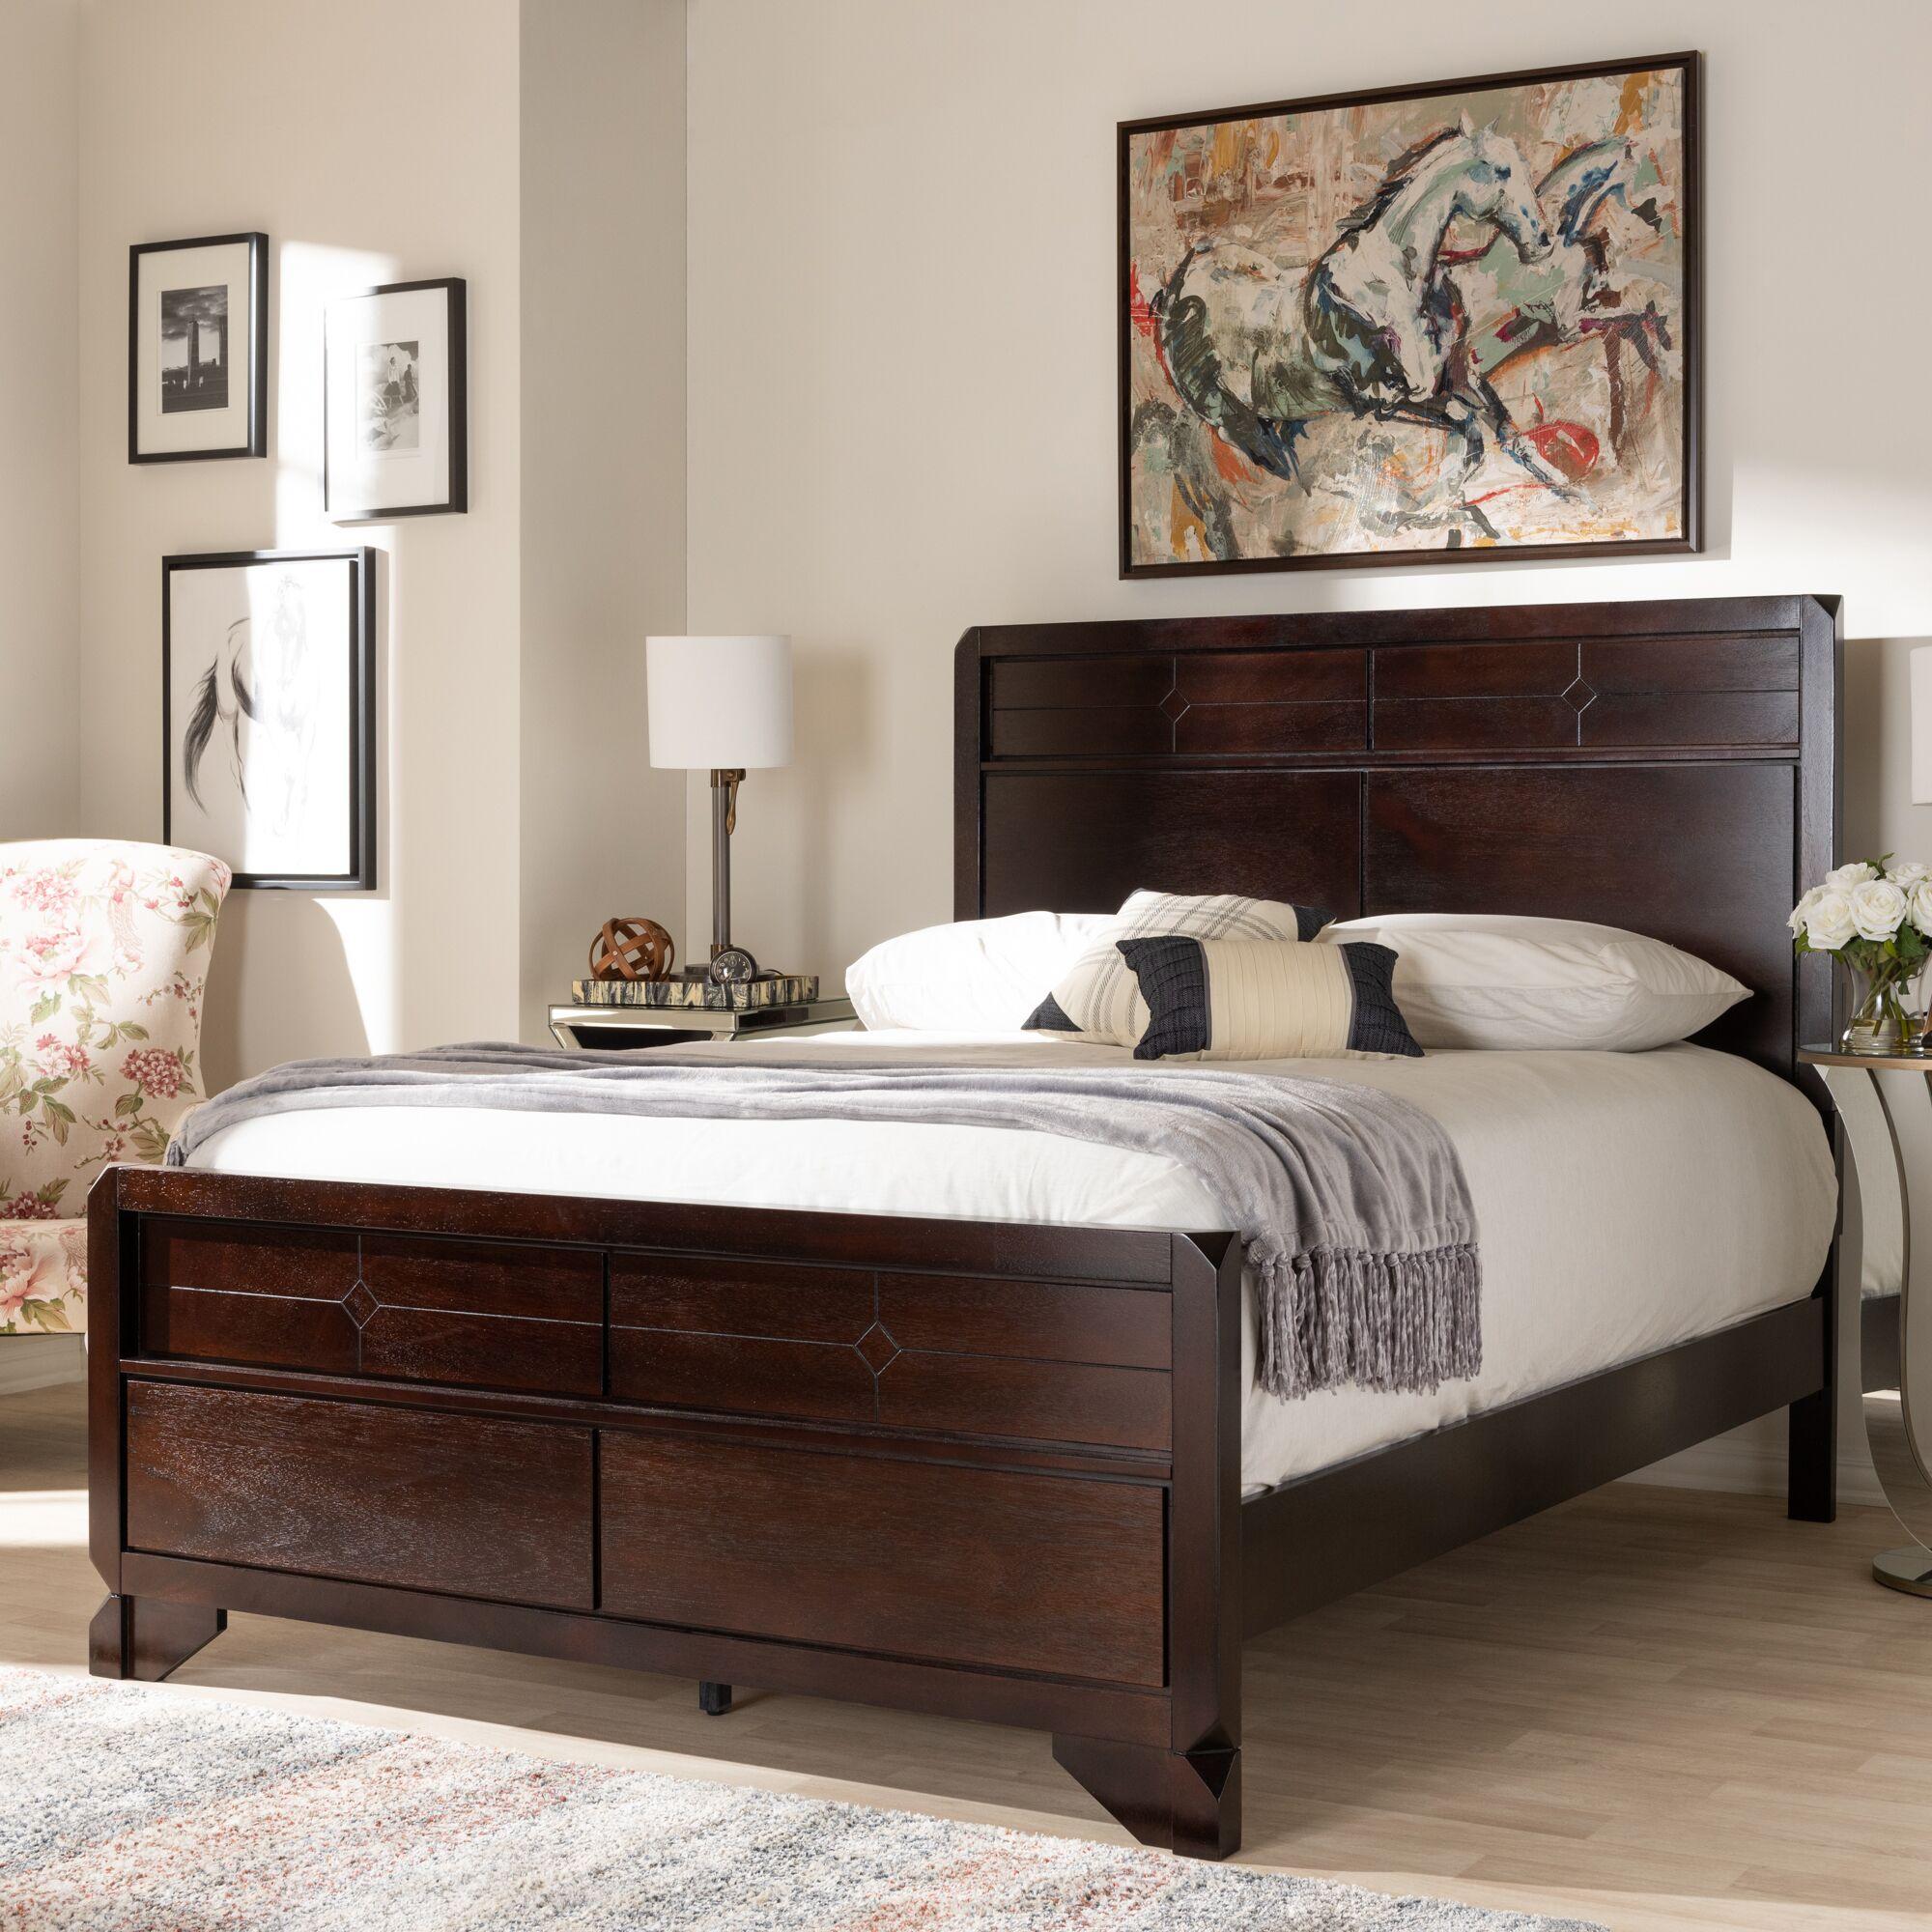 Humberwood Queen Panel Bed